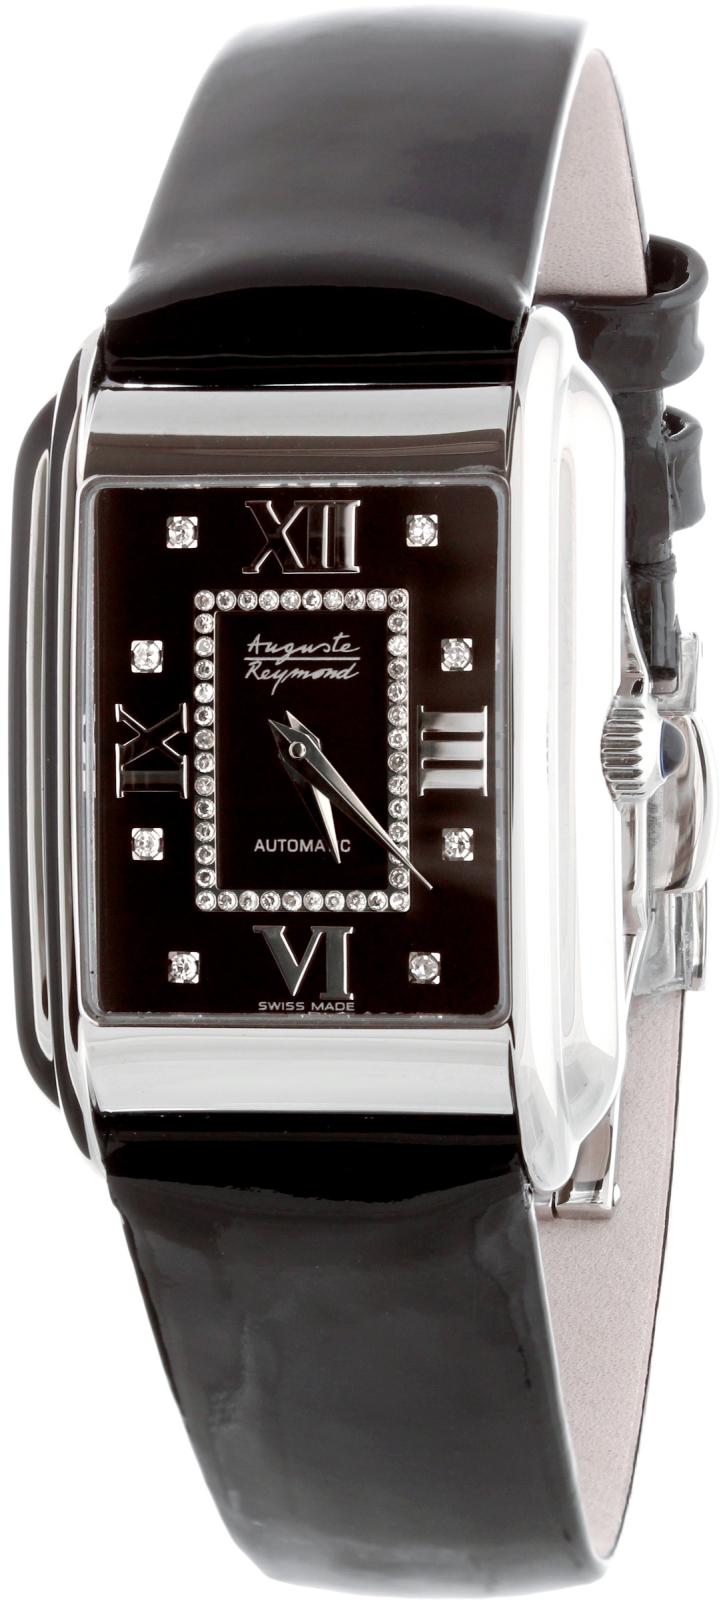 Auguste Reymond Charleston AR64006D3/53E0.6.238.2Наручные часы<br>Швейцарские часы Auguste Reymond Charleston AR64006D3/53E0.6.238.2<br><br>Пол: Женские<br>Страна-производитель: Швейцария<br>Механизм: Механический<br>Материал корпуса: Сталь<br>Материал ремня/браслета: Кожа<br>Водозащита, диапазон: None<br>Стекло: Сапфировое<br>Толщина корпуса: 9,7 мм<br>Стиль: None